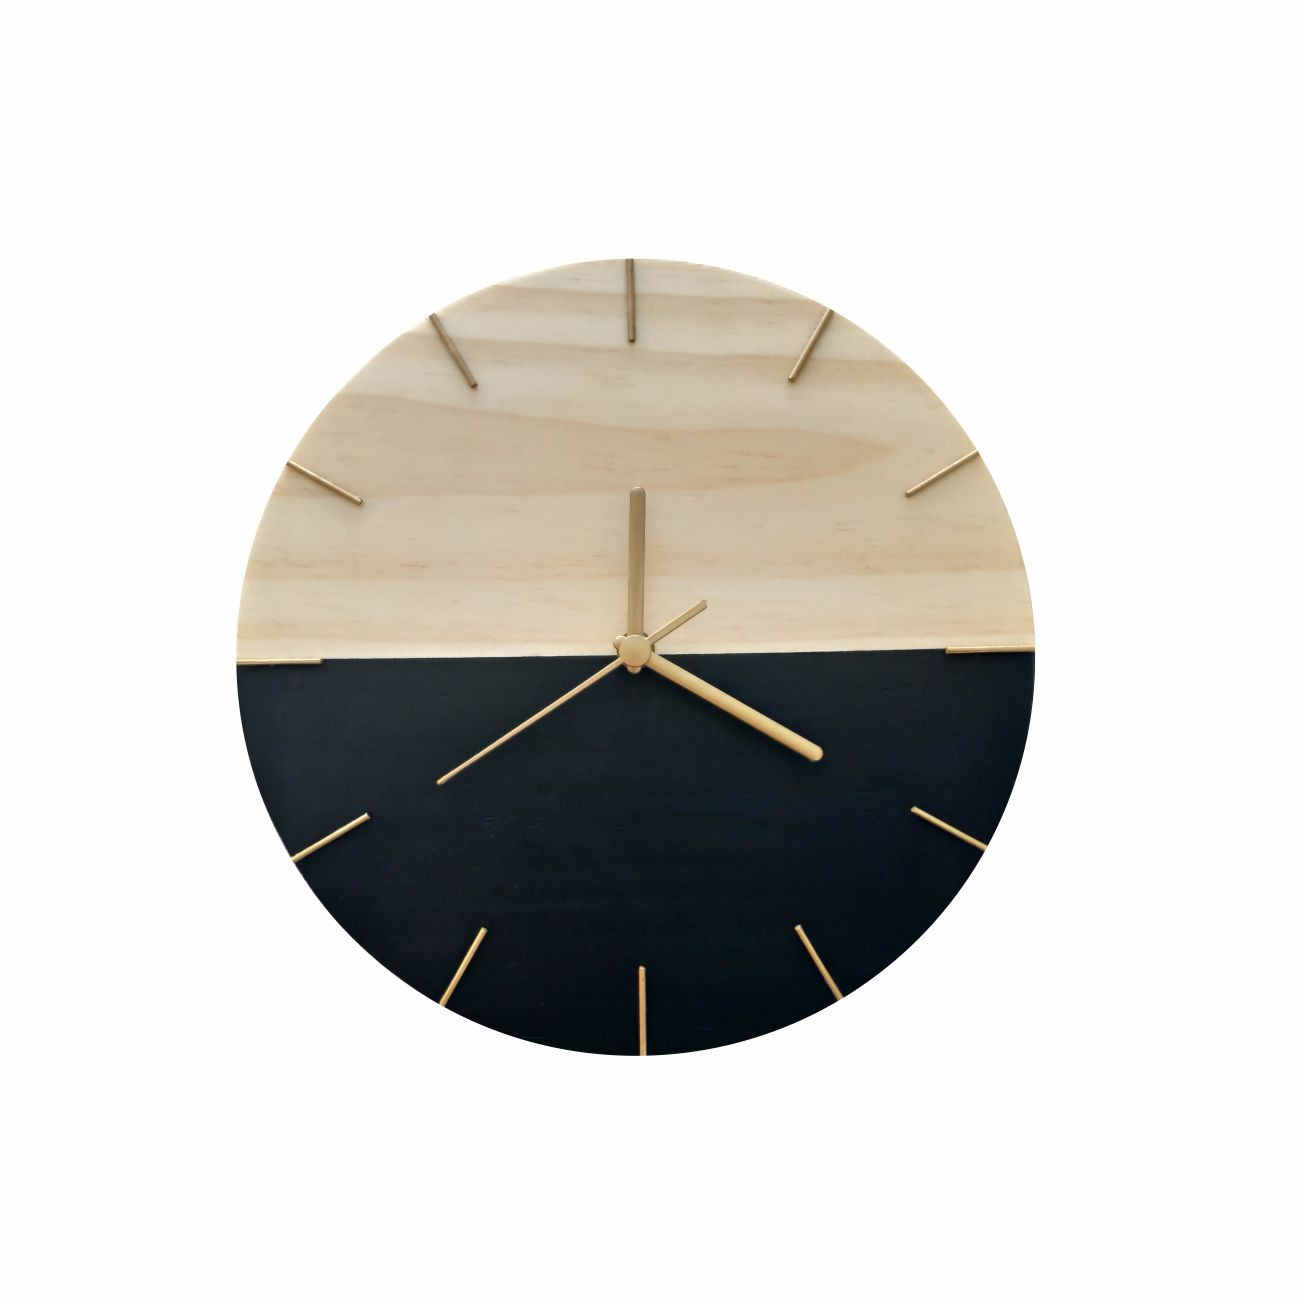 Relógio de Parede Minimalista em Madeira Preto e Dourado